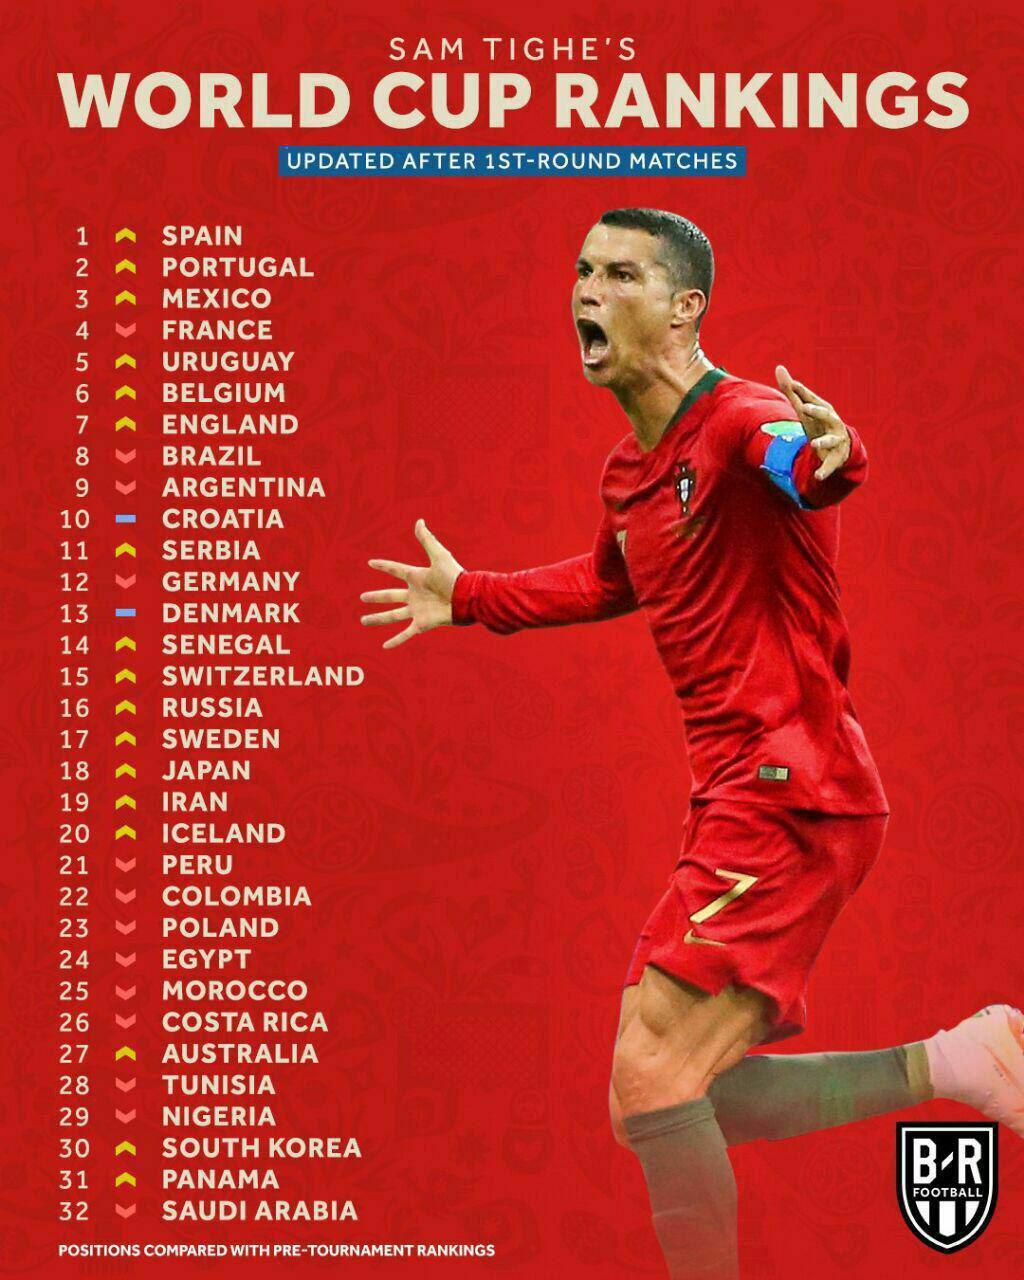 رنکینگ برترین تیمهای جام جهانی پس از پایان دور اول از نگاه بلیچر ریپورت